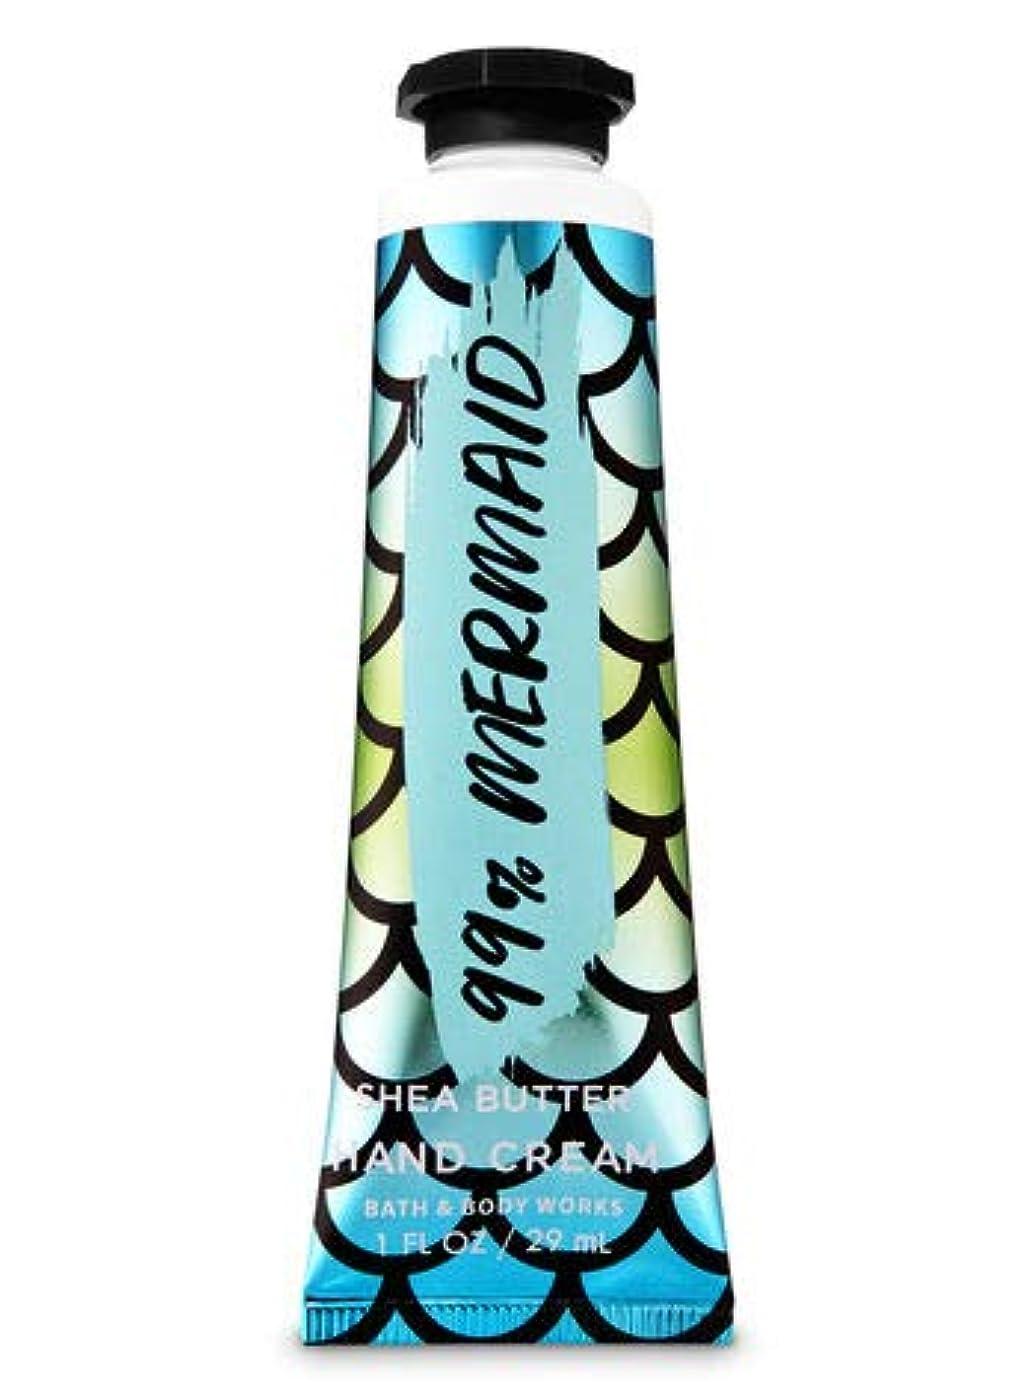 国民投票聖職者インスタンス【Bath&Body Works/バス&ボディワークス】 シアバター ハンドクリーム サンリットアップルブロッサム Shea Butter Hand Cream Sunlit Apple Blossom 1 fl oz...